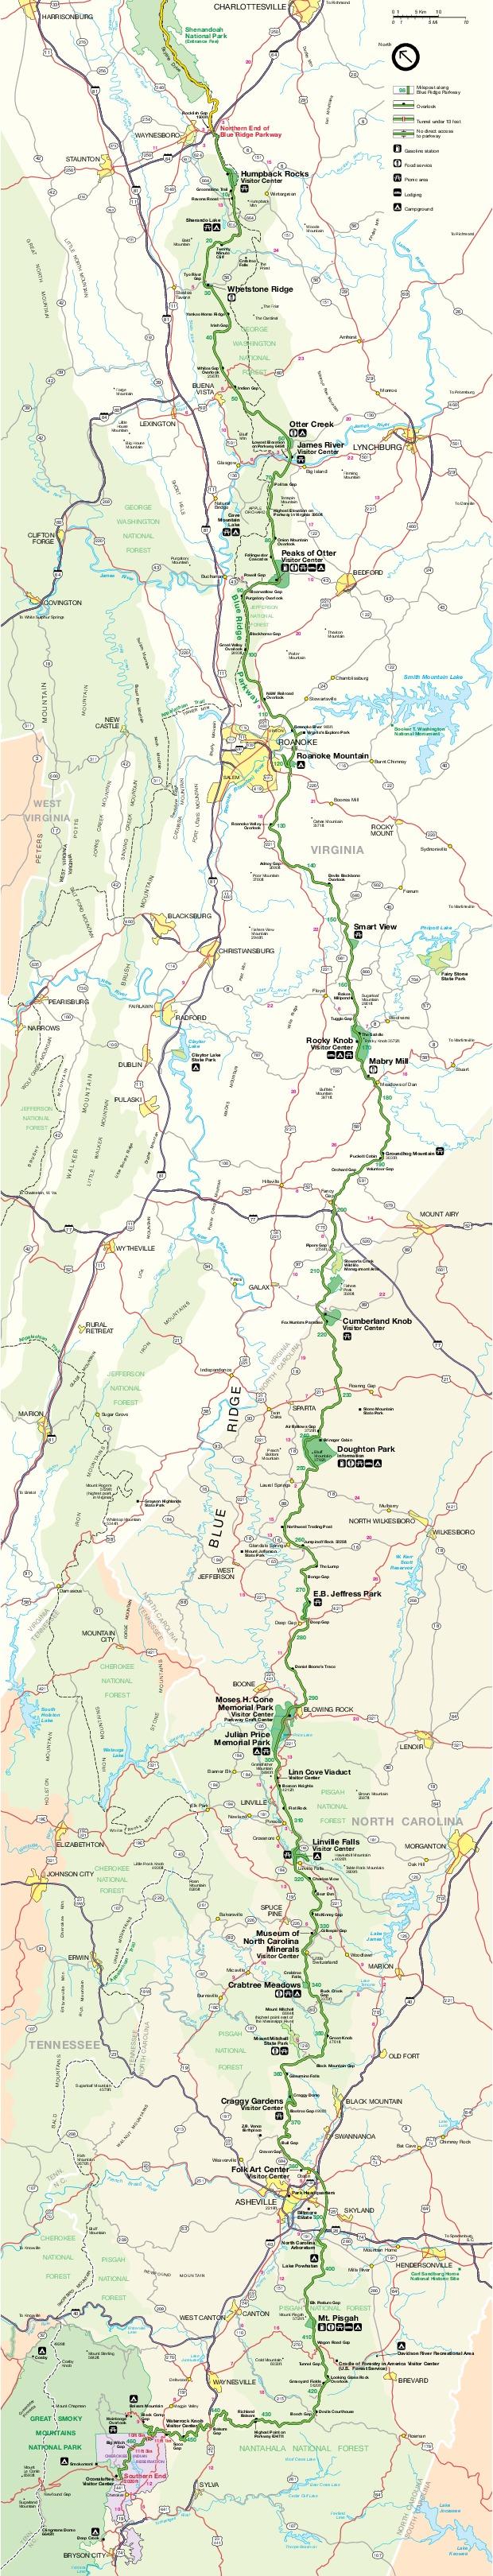 Mapa de Blue Ridge Parkway, Virginia, Carolina del Norte, Virginia, Estados Unidos